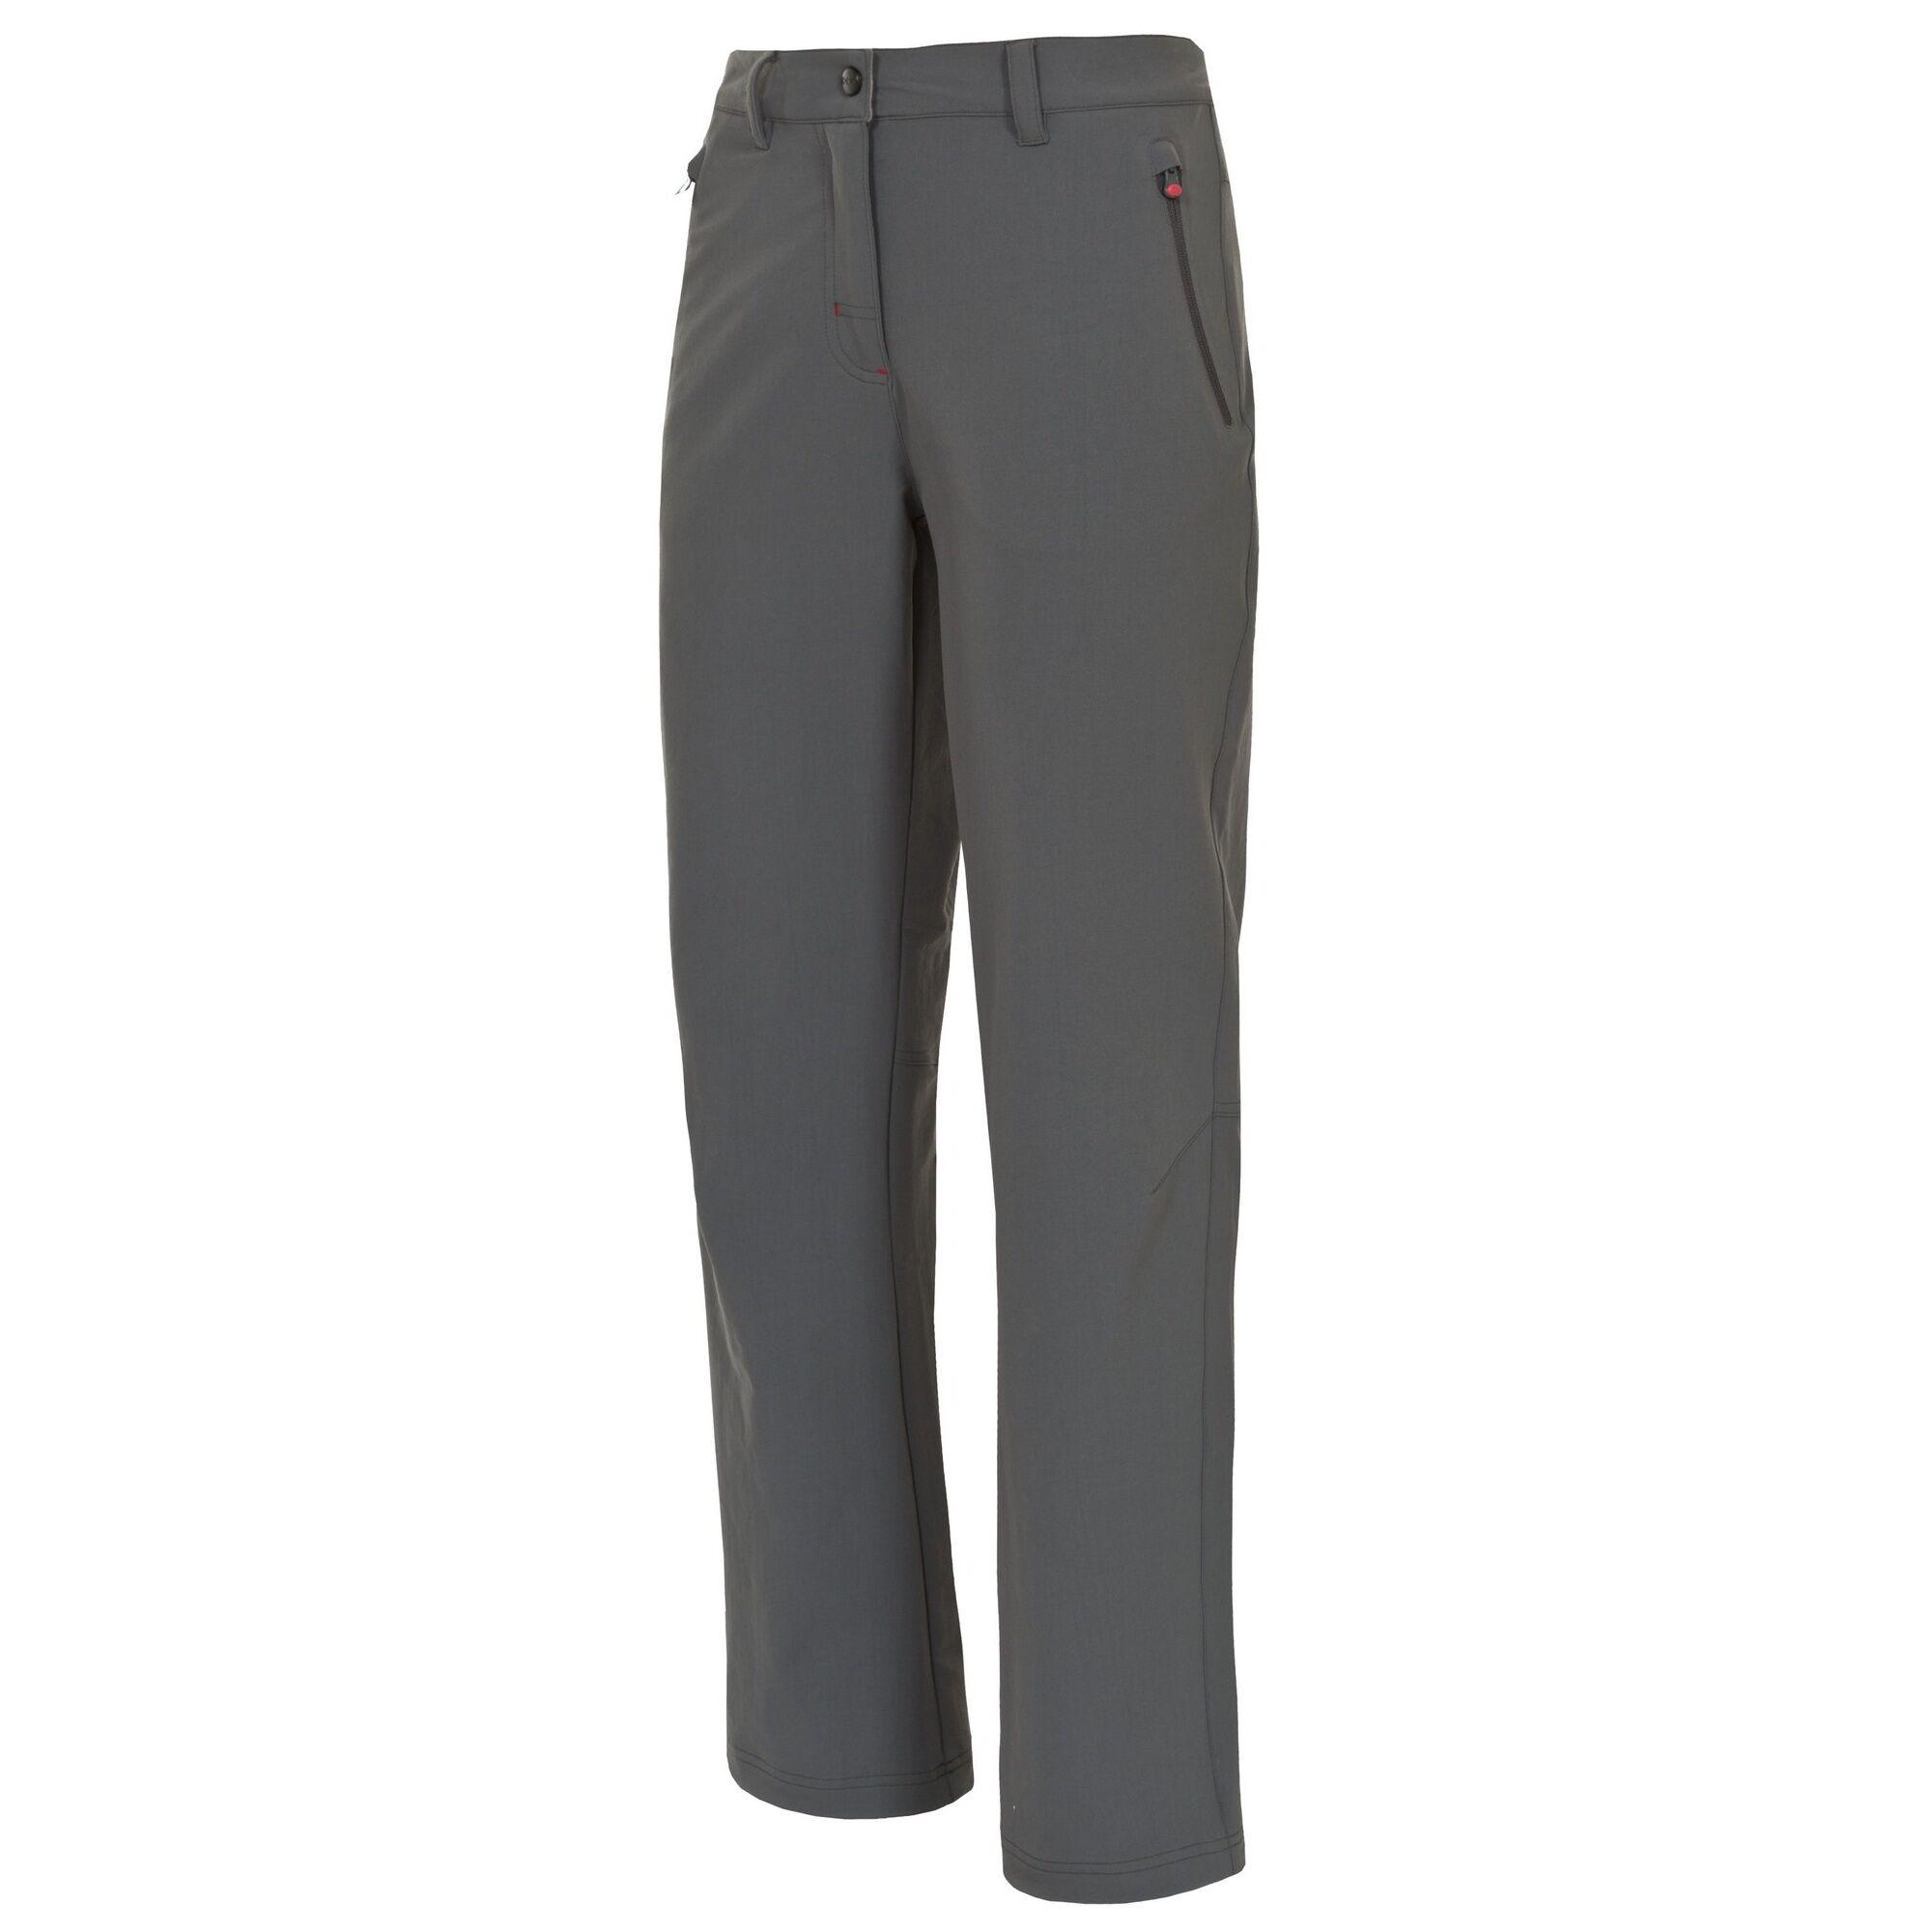 Trespass Swerve - Pantalon De Marche - Femme (Carbone) - UTTP3371